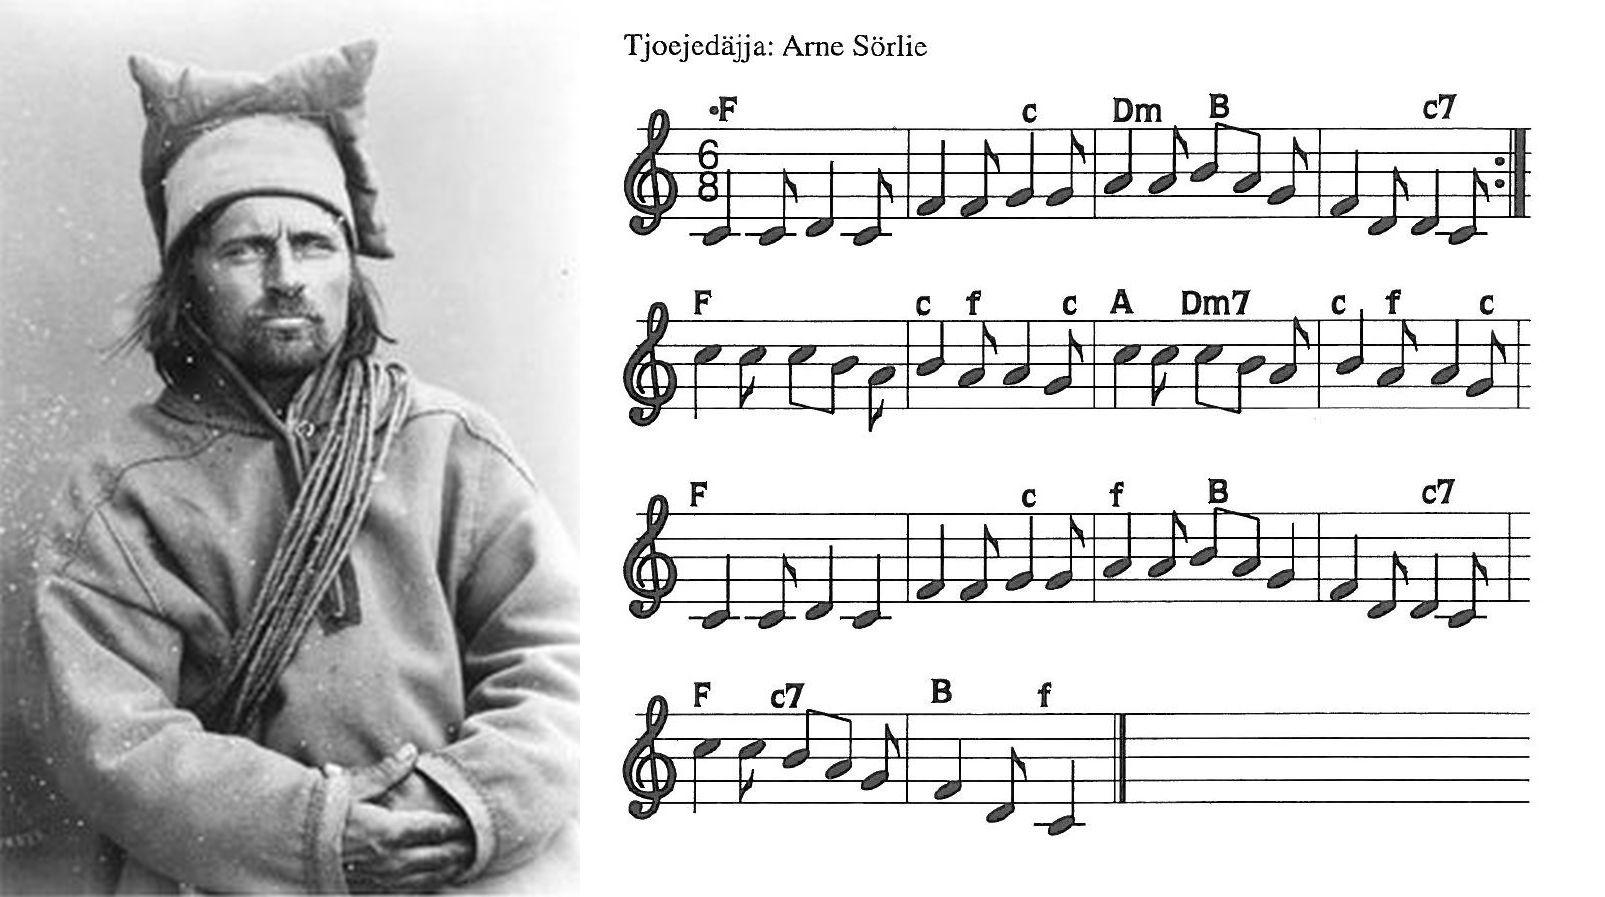 Samiska nationalsångens text